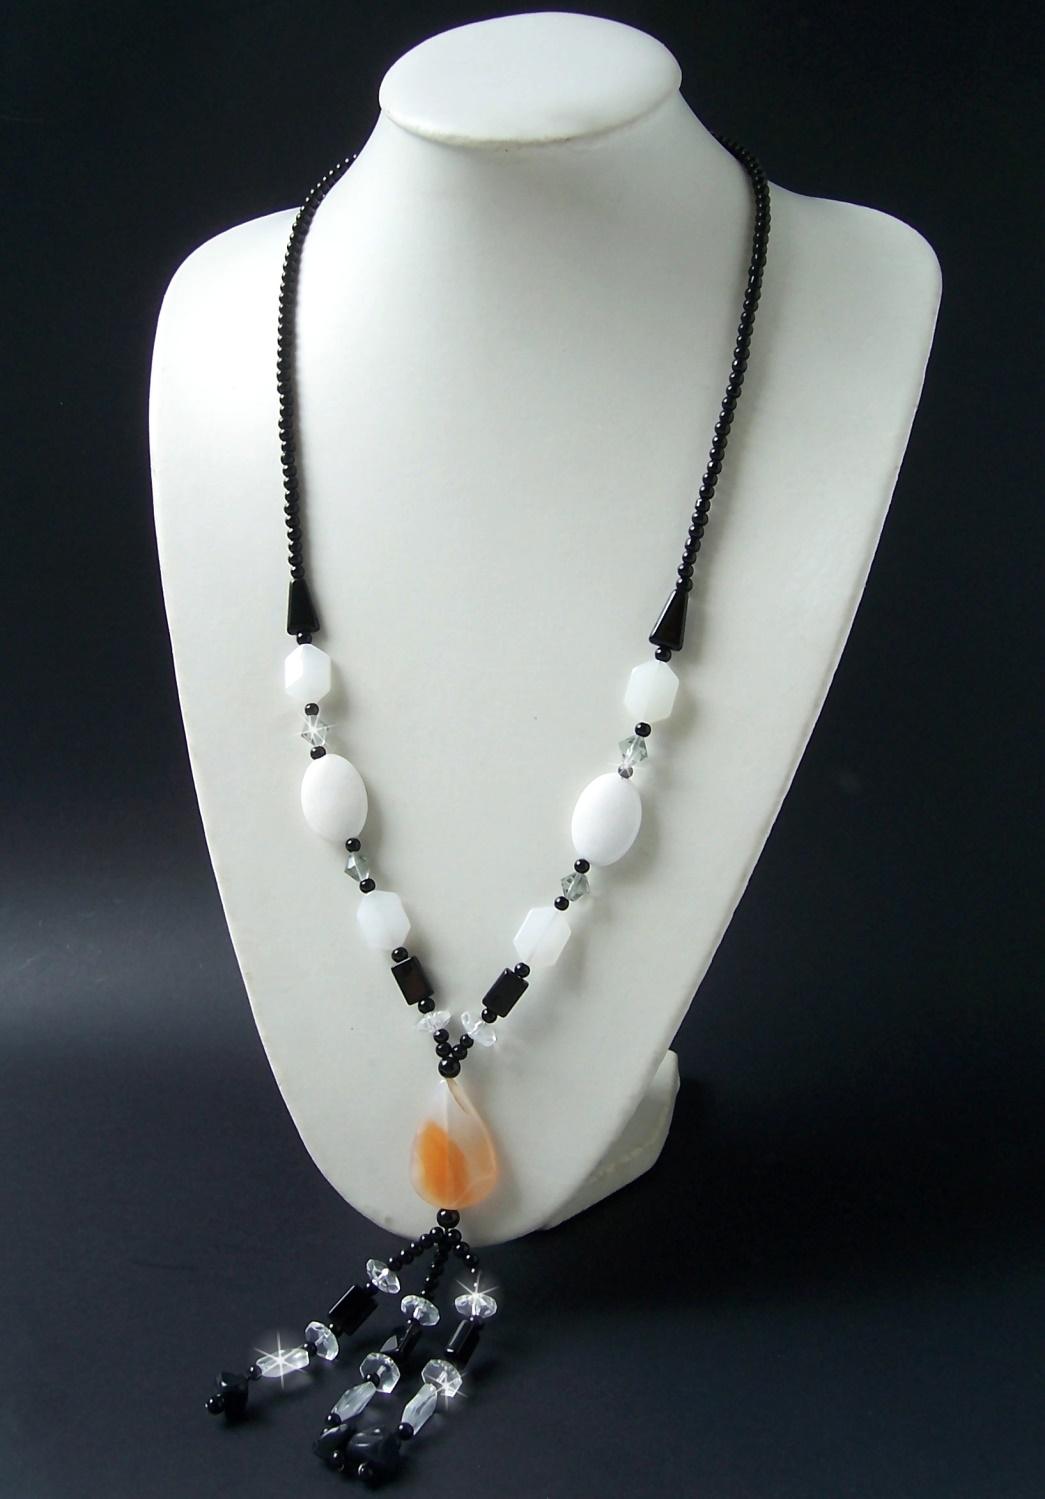 Kette Y-Kette lange Halskette Schmuck Achat Perlen schwarz weiß K655